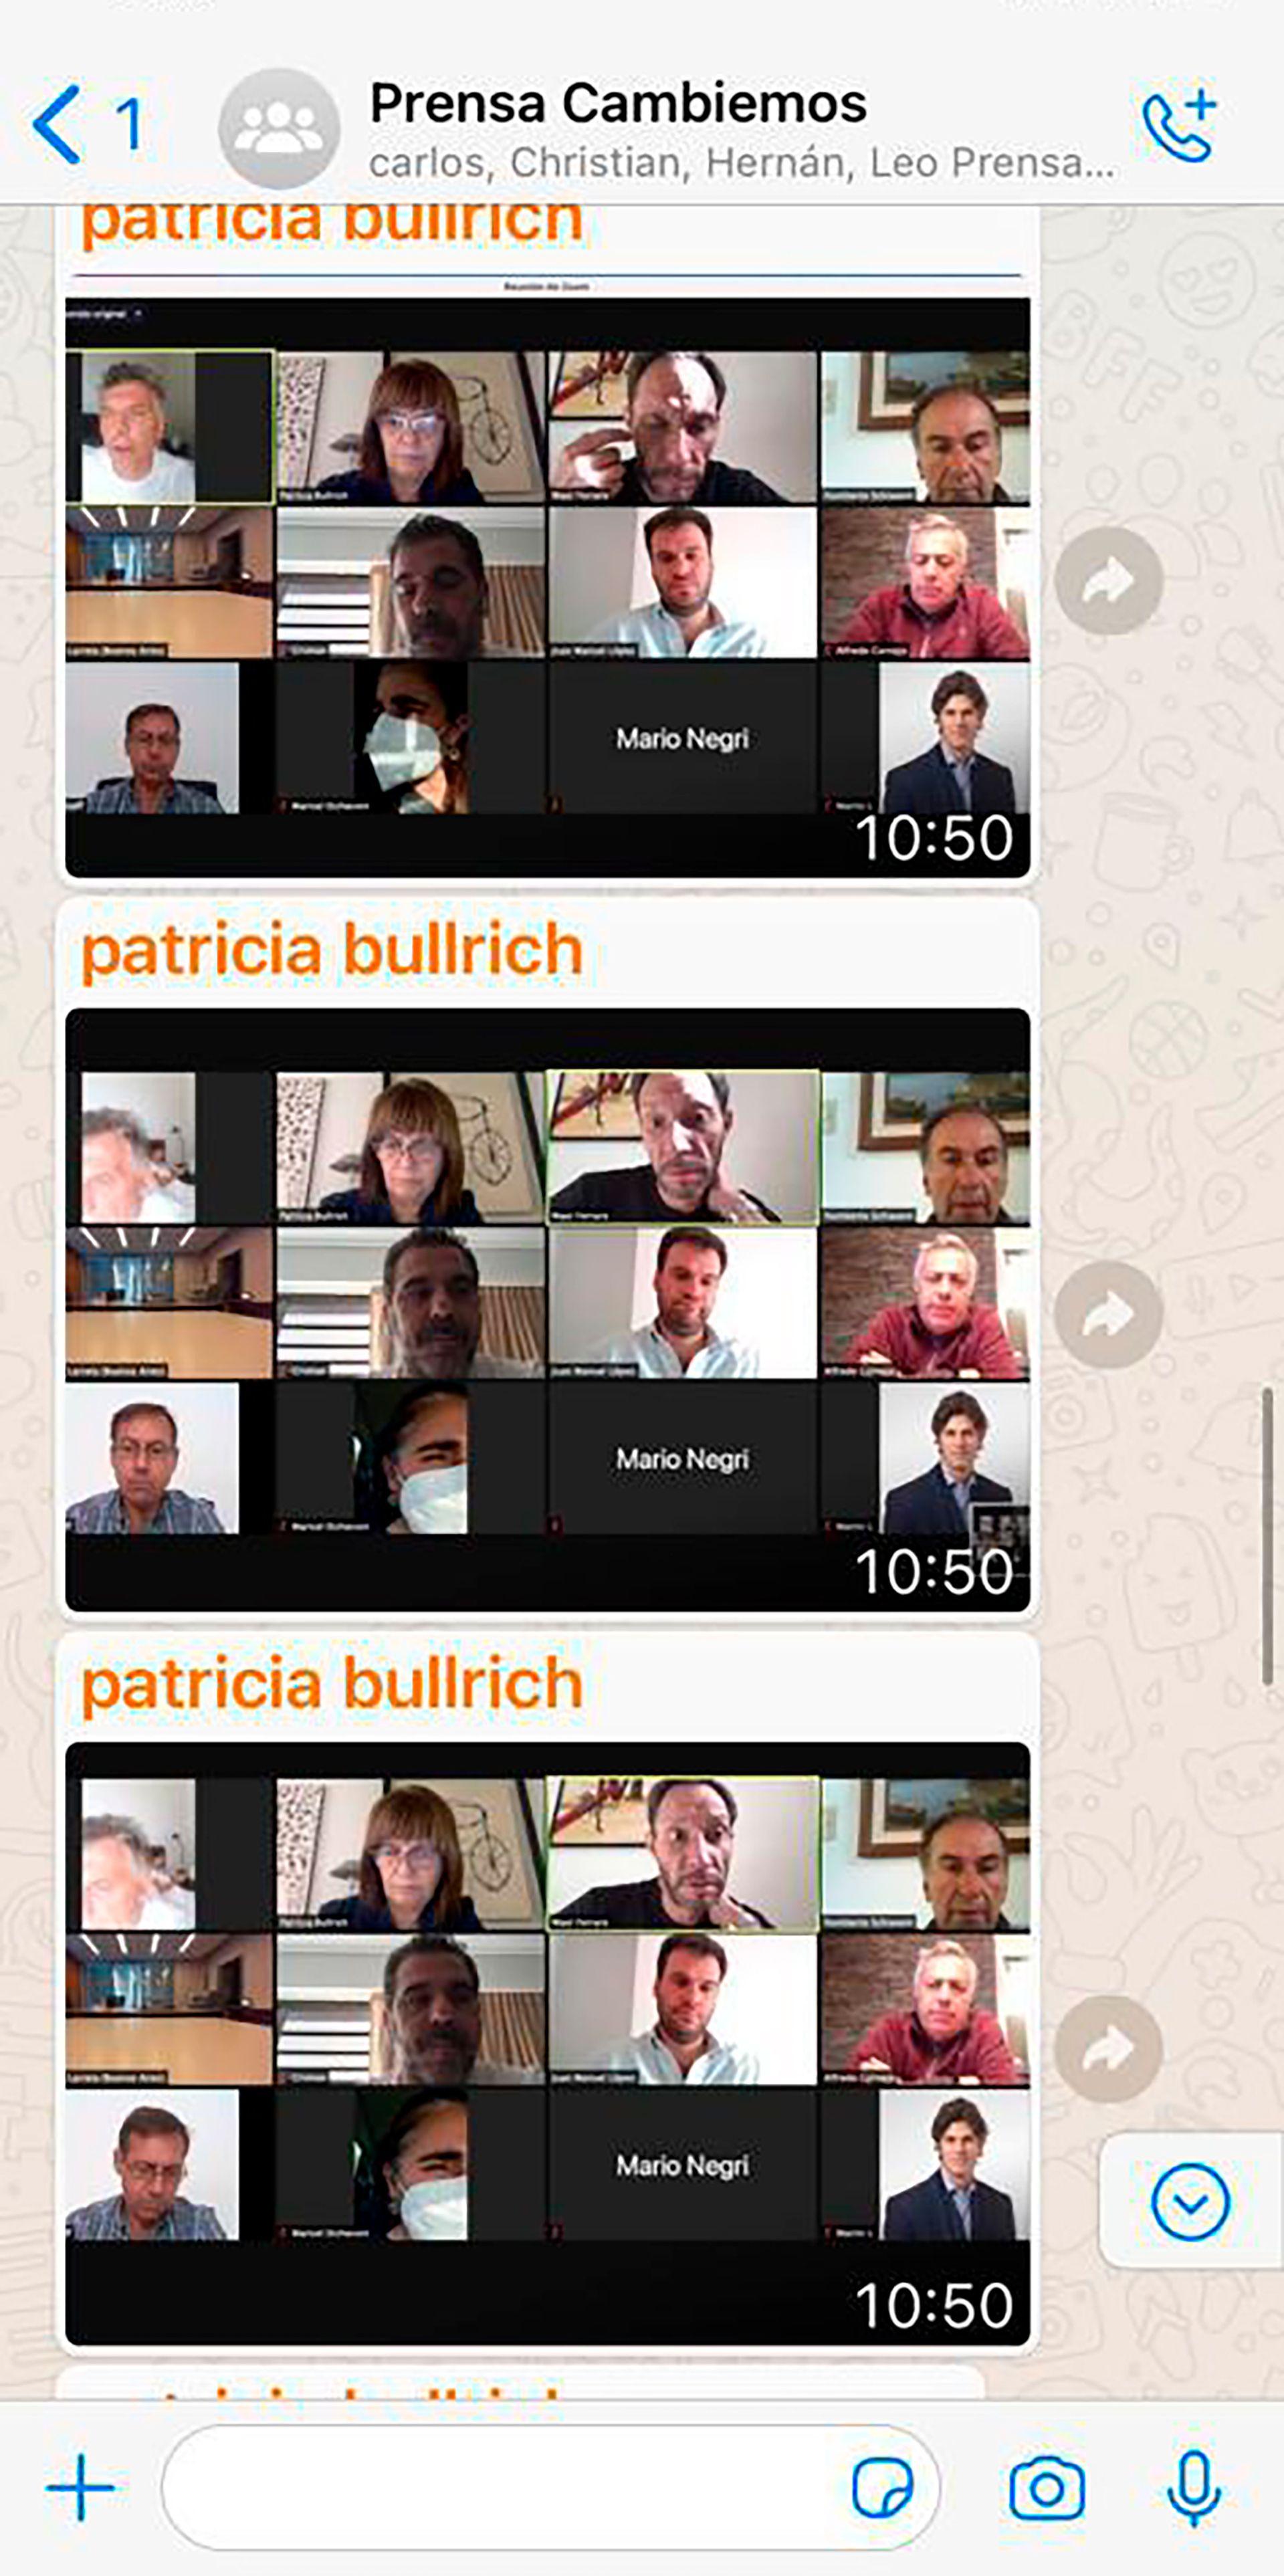 Las capturas de pantalla del grupo de WhatsApp de Juntos por el Cambio que demuestran que Patricia Bullrich subió las fotos de Mauricio Macri en la cama